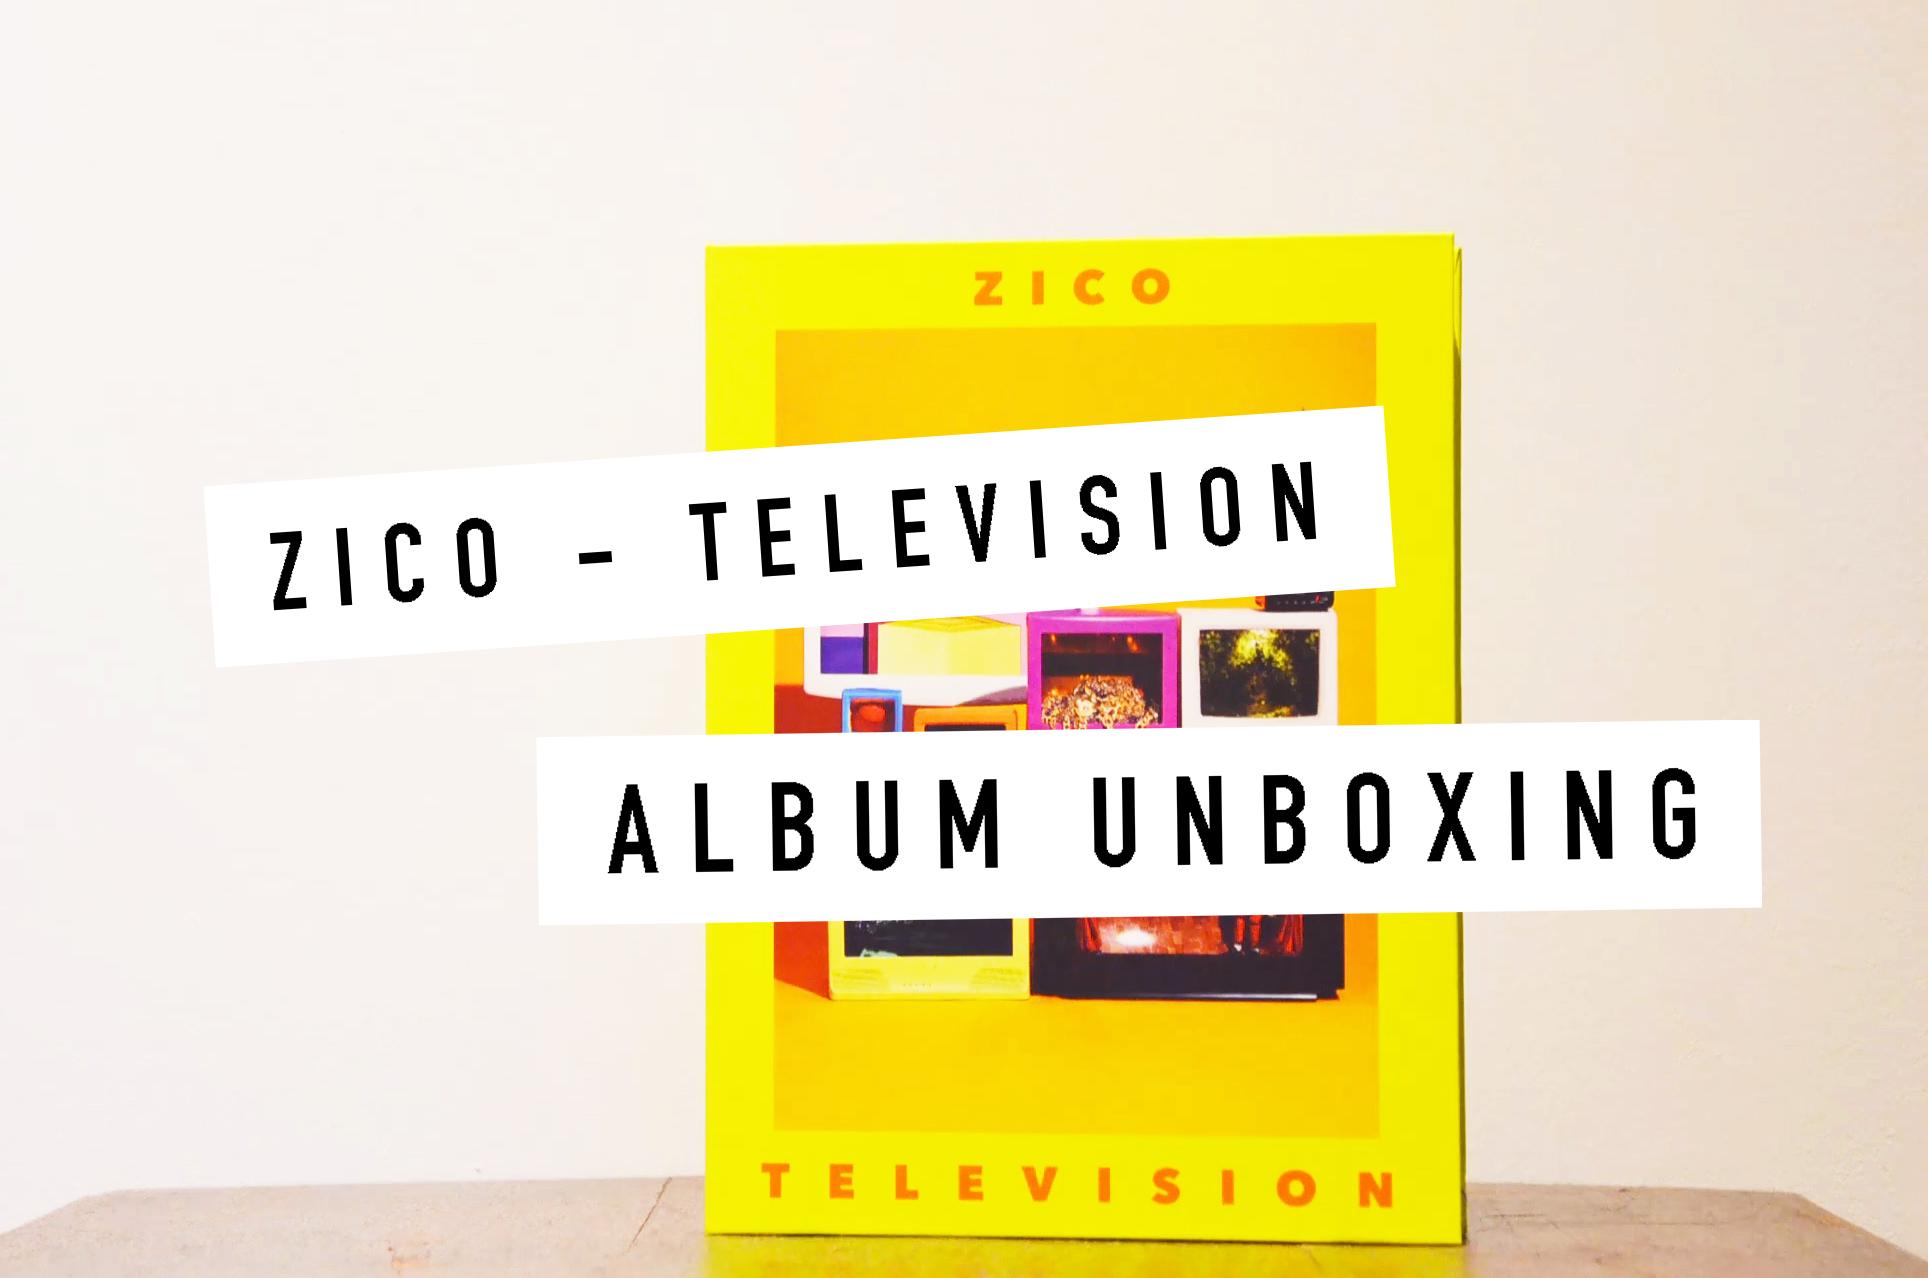 zico television album unboxing